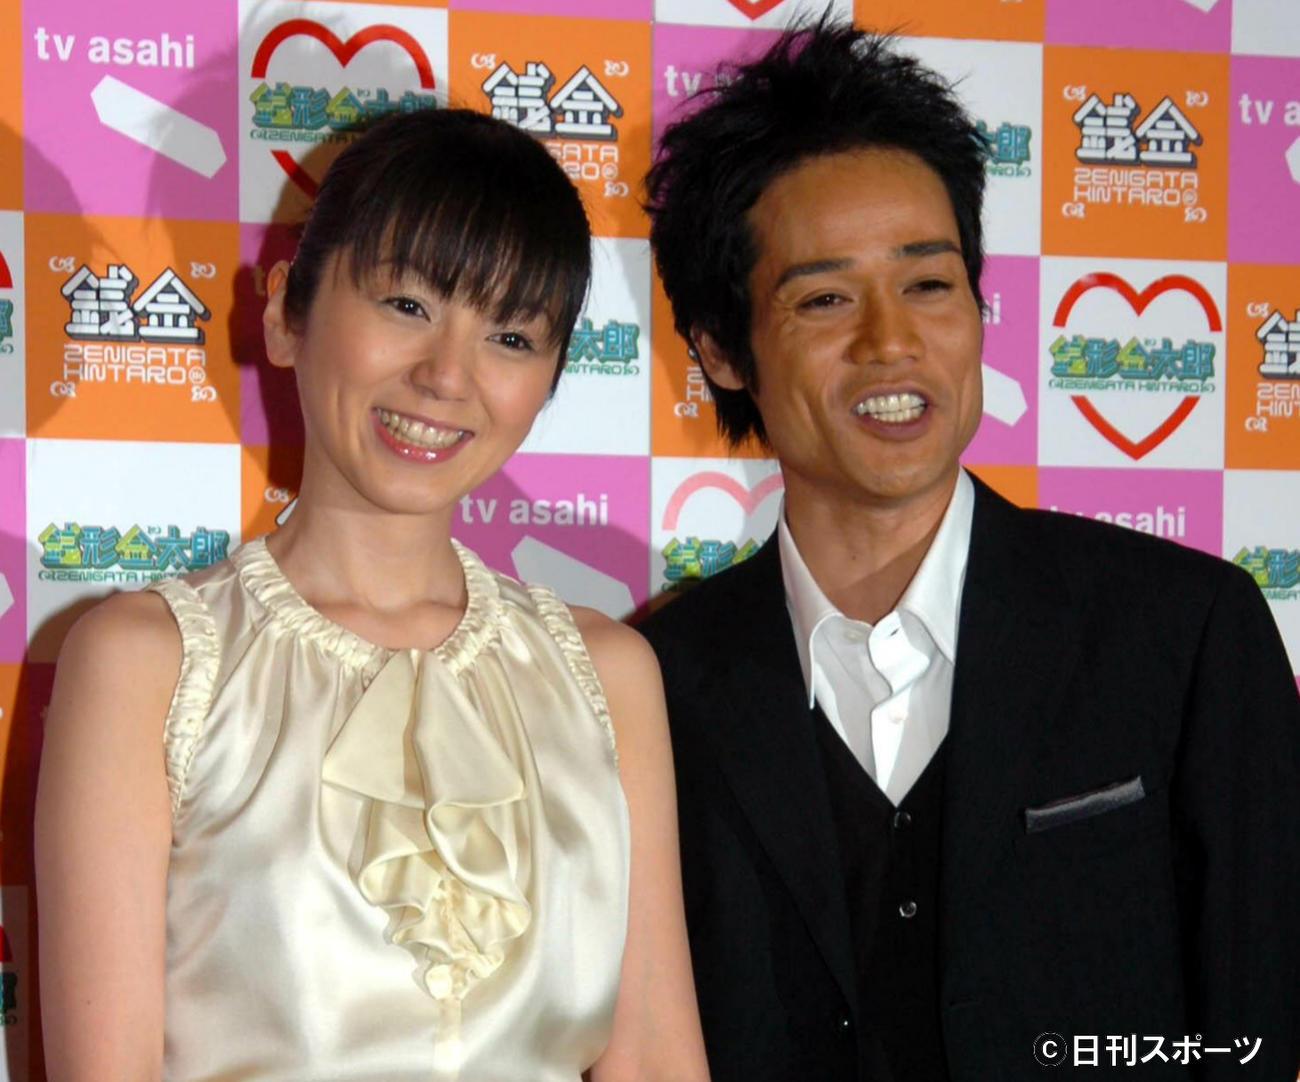 05年4月、結婚を発表するネプチューンの名倉潤と渡辺満里奈(2005年4月6日撮影)